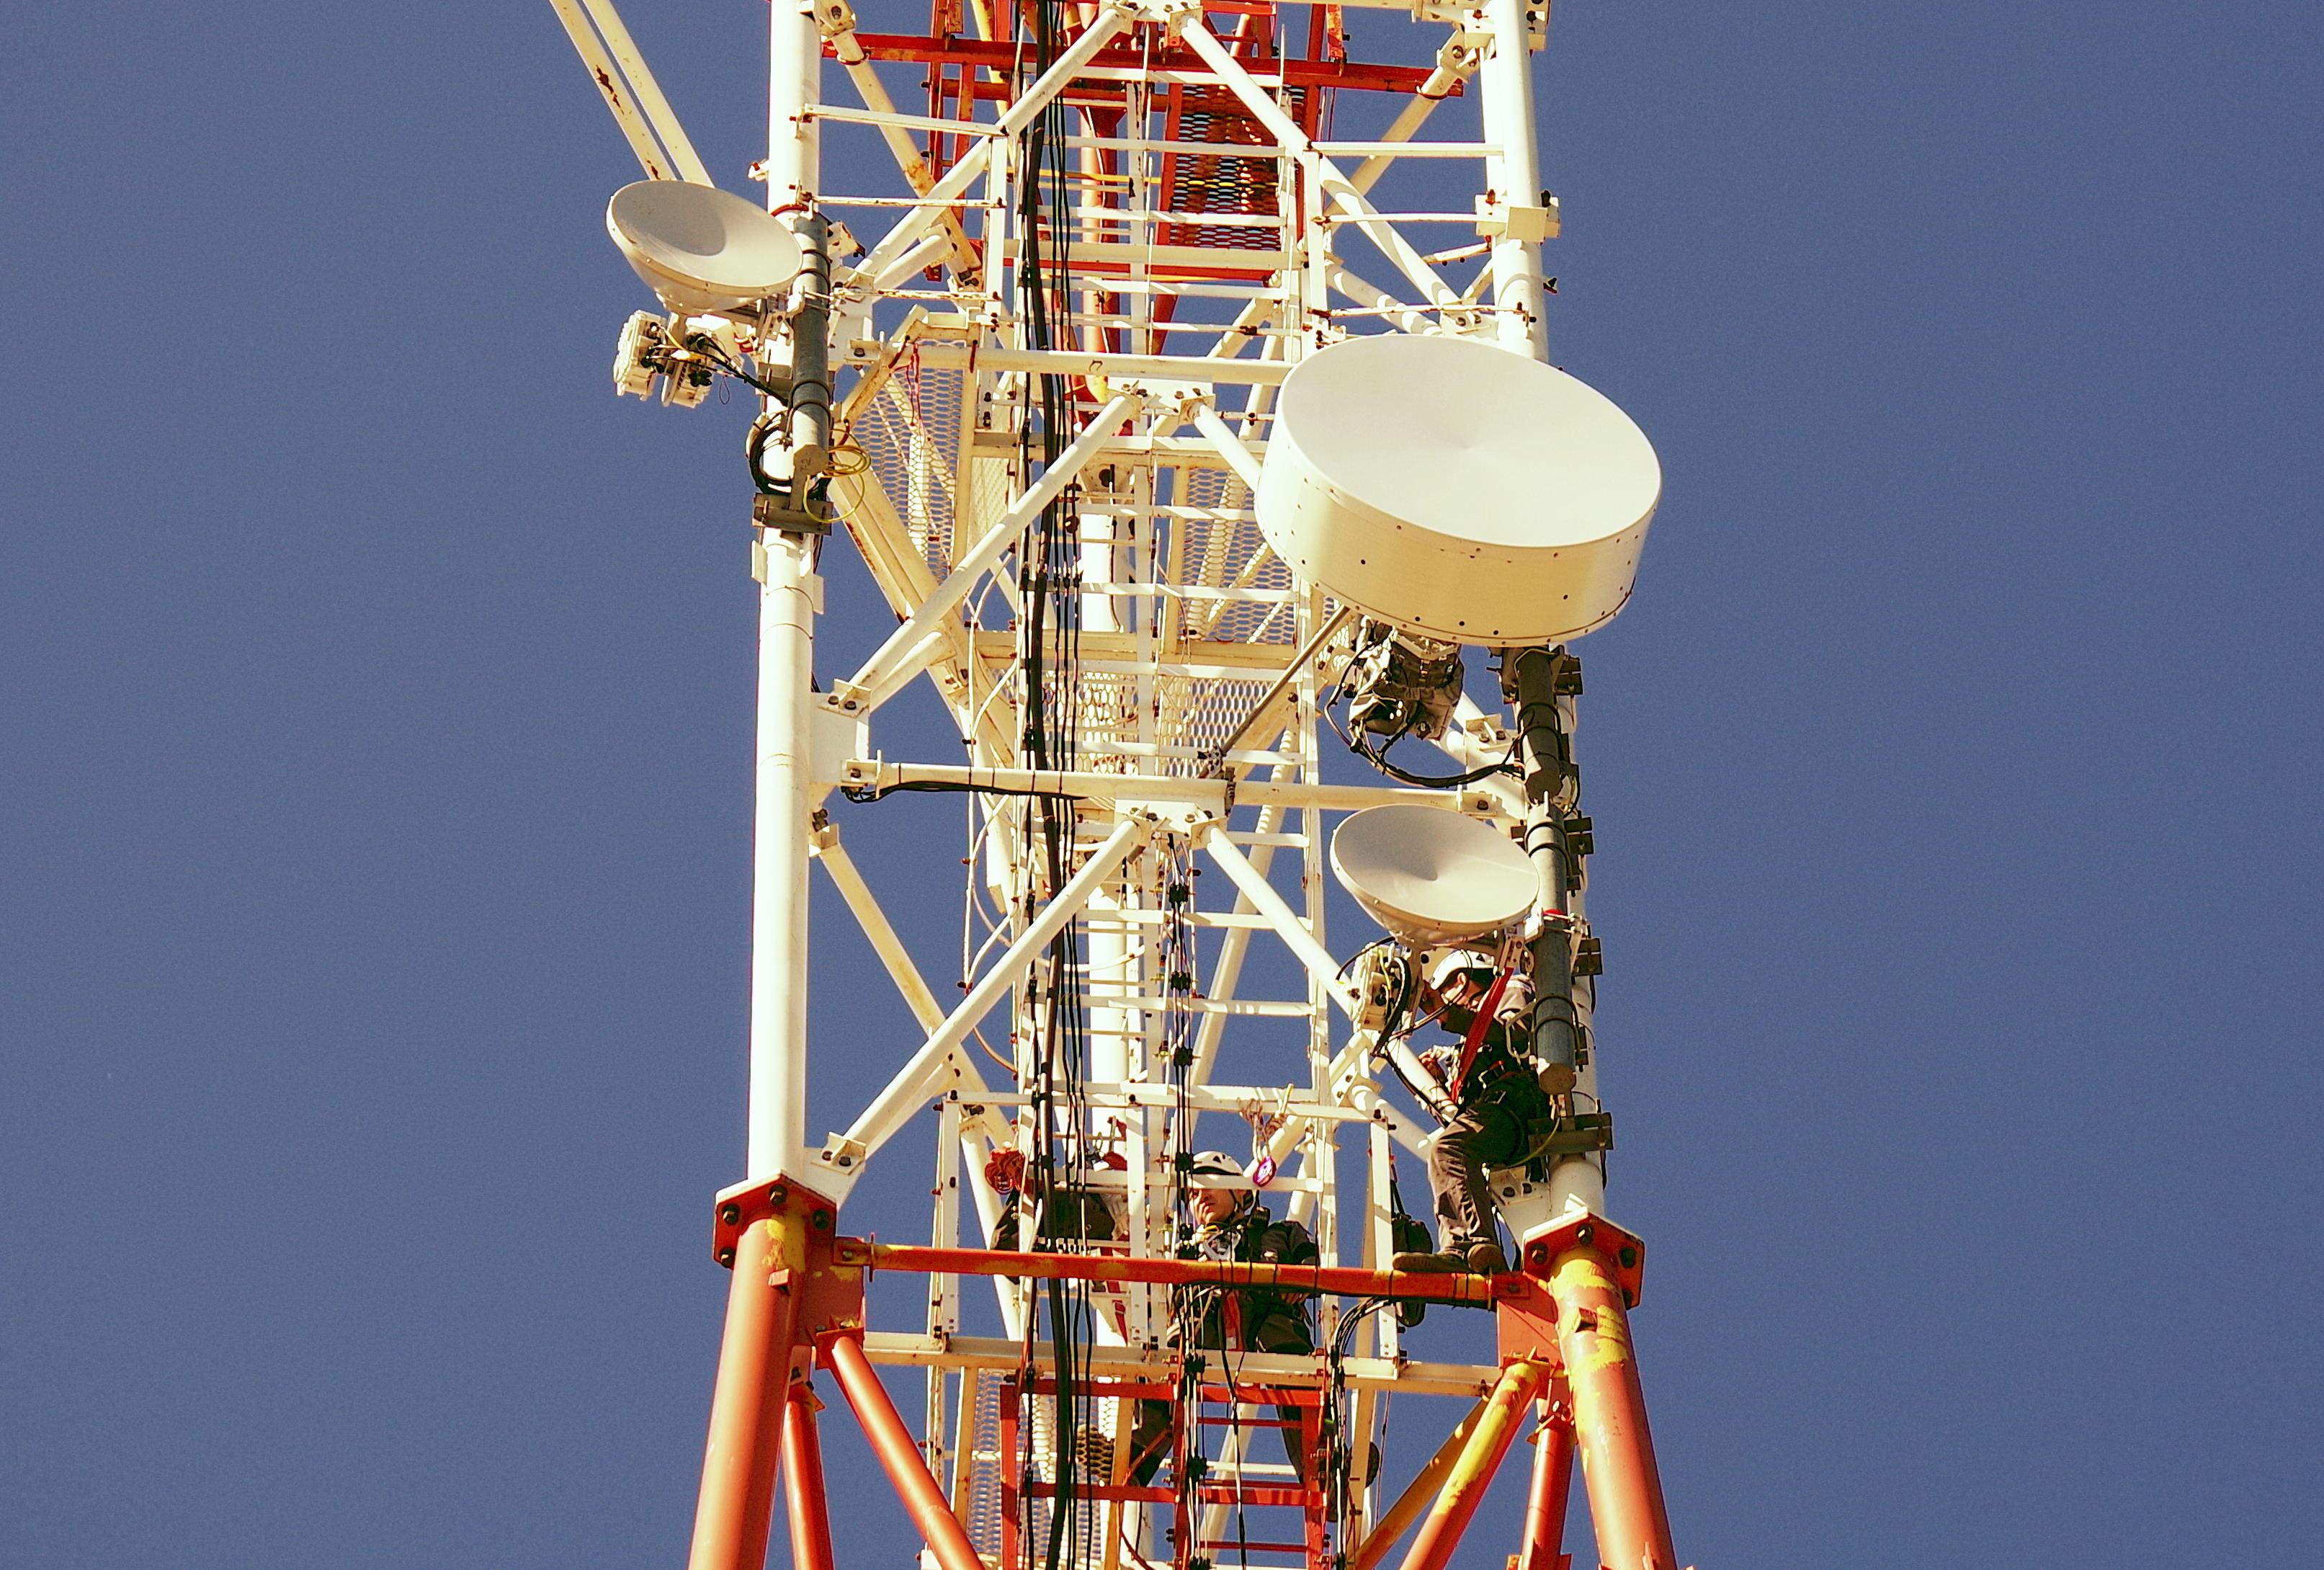 Монтажники устанавливают радиомосты ДОК PPC-10G 2+0